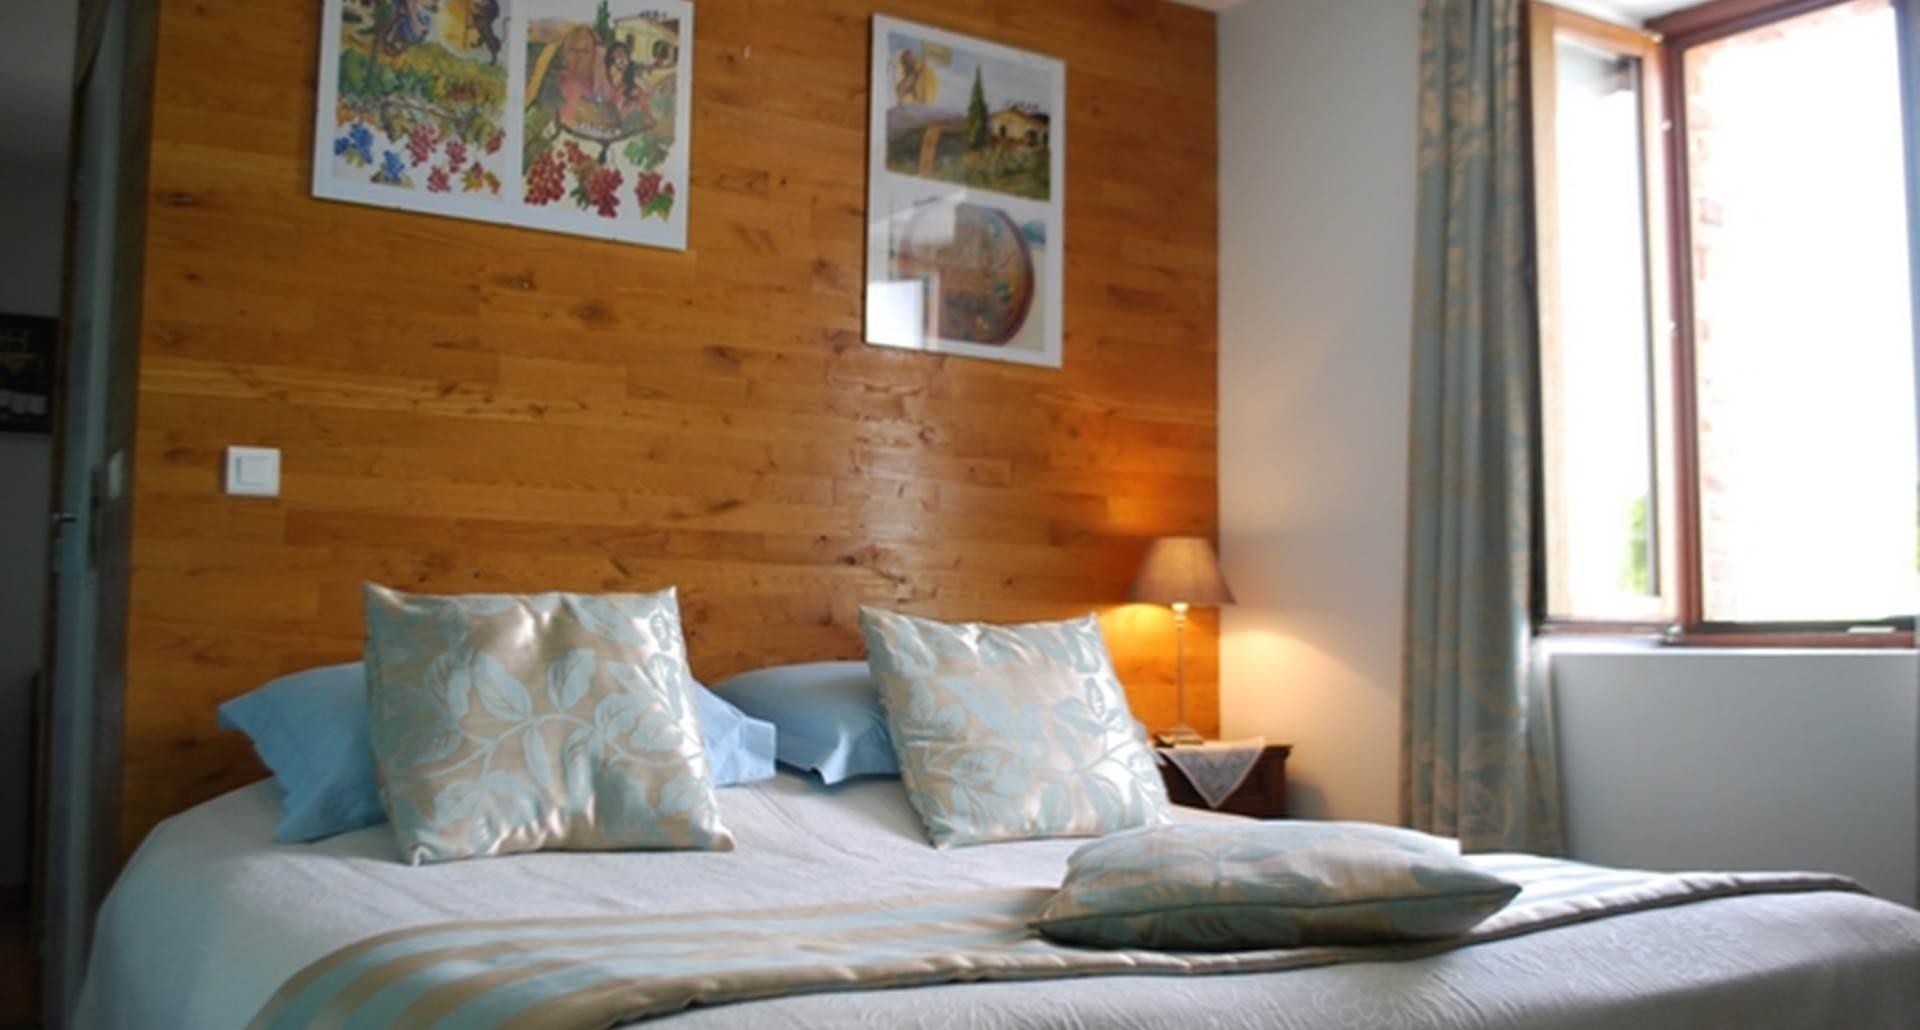 la chambre Cabanon, chambre double, lit de 1,80m x 2,00m avec vue sur la nature